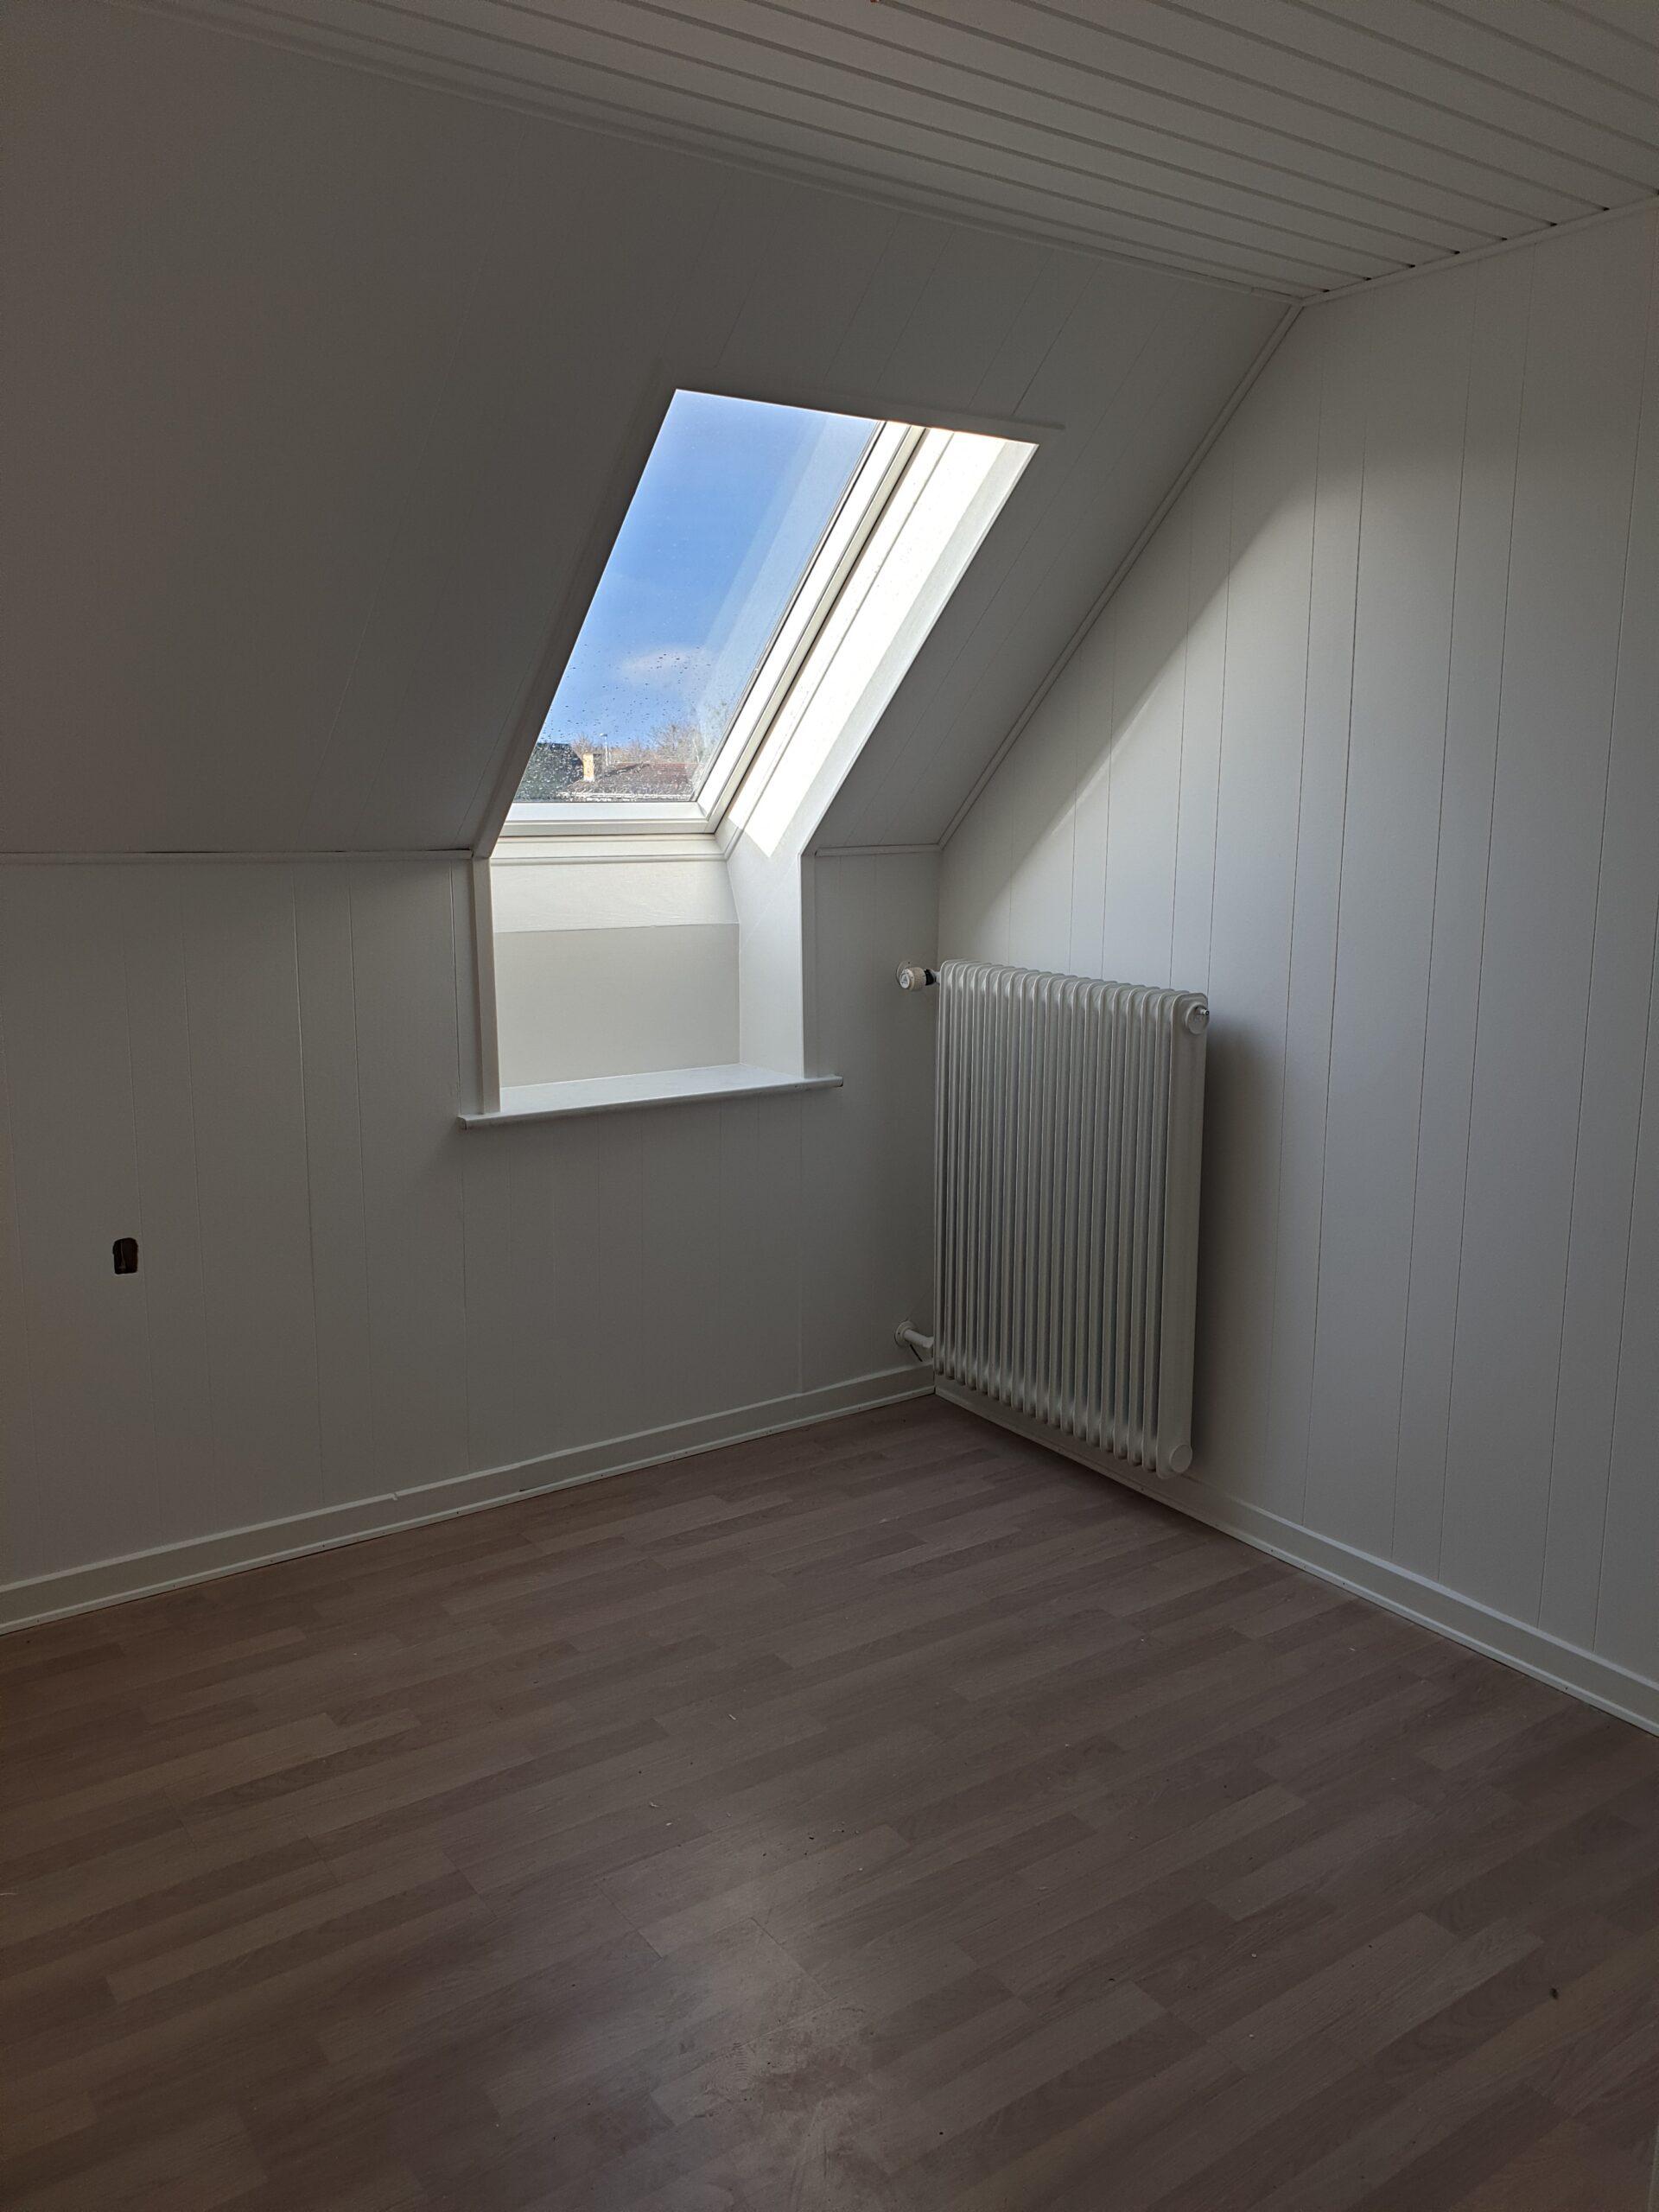 Efterbillede - malet vindue og væg